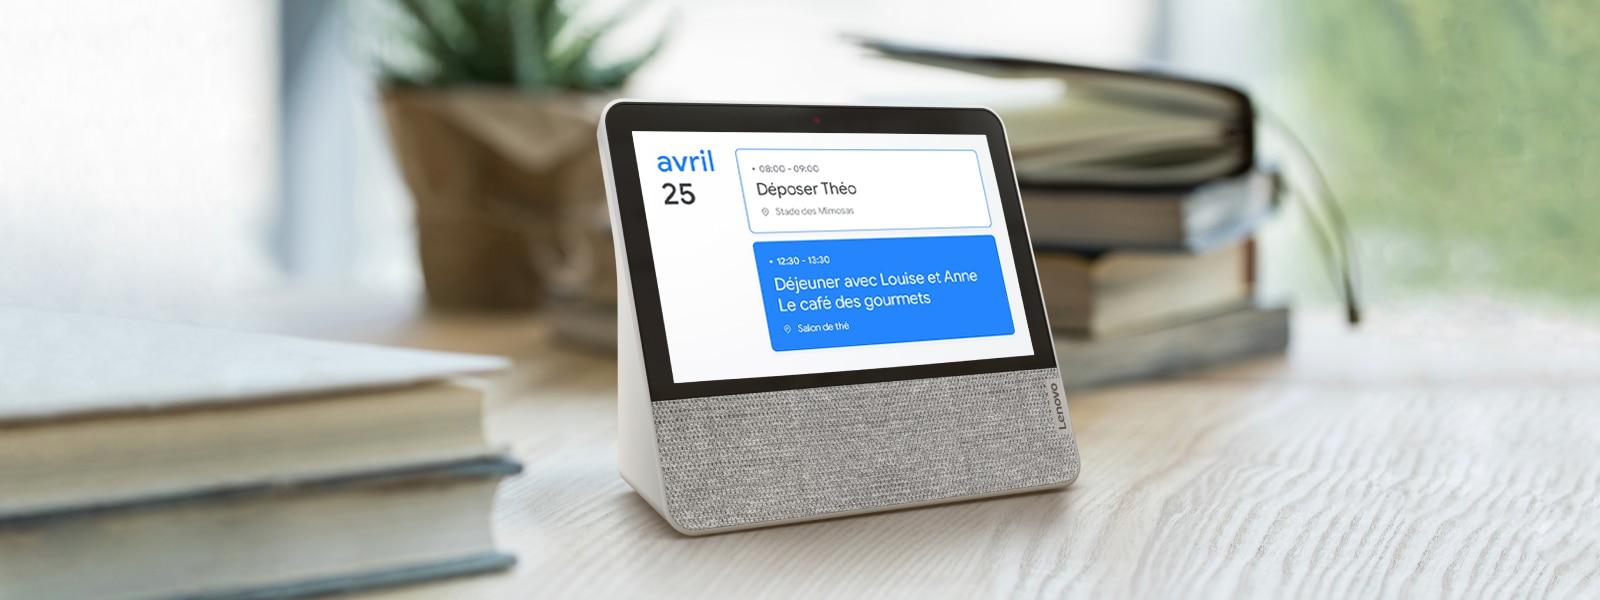 Lenovo Smart Display 7 vous aide à gérer votre agenda quotidien.